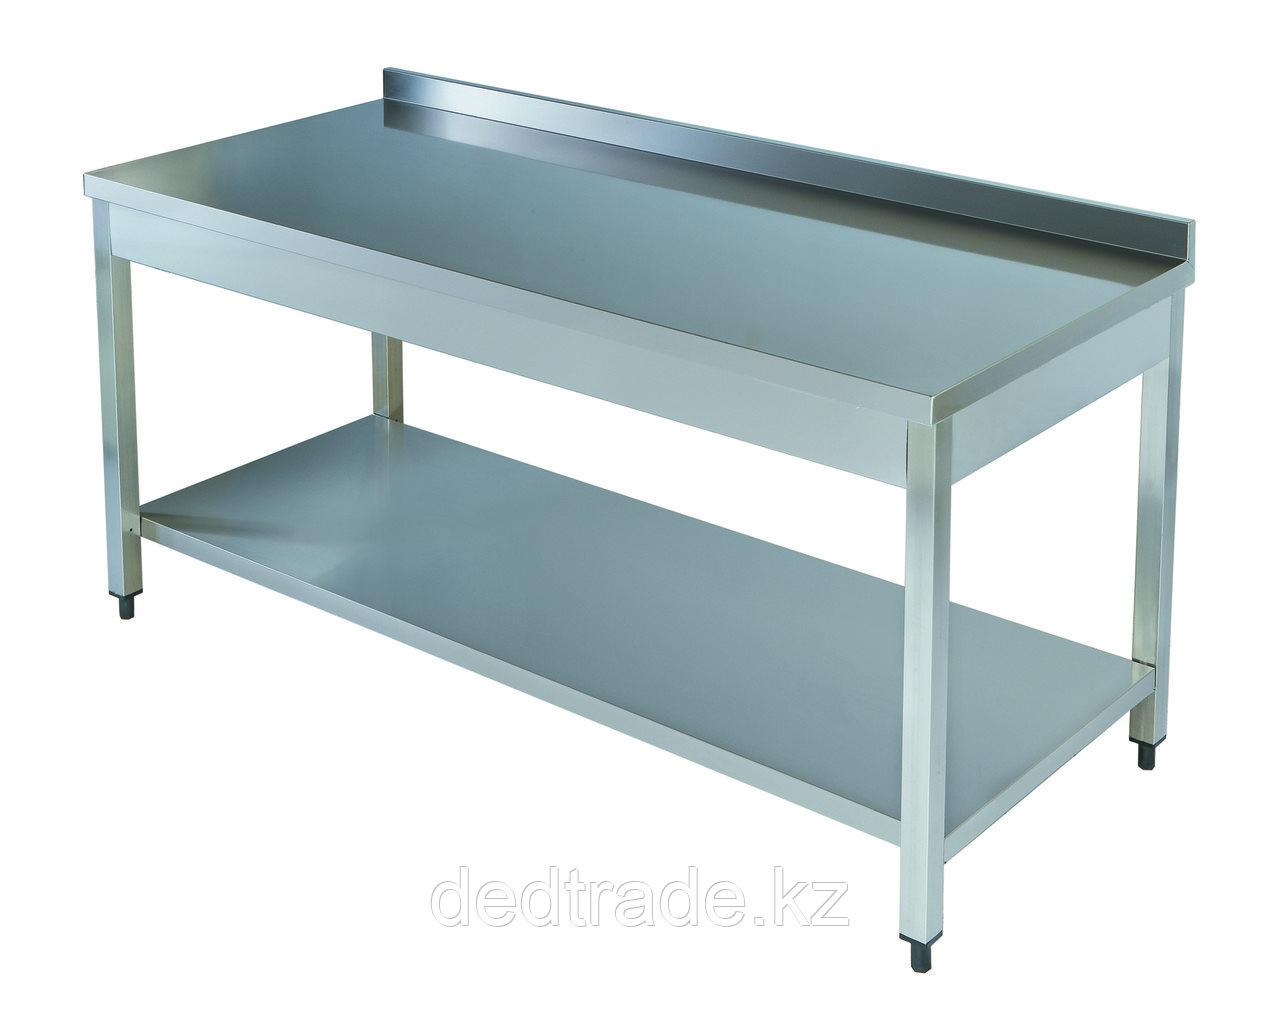 Рабочий стол с полкой нержавеющая сталь Размеры 1800*600*850 мм